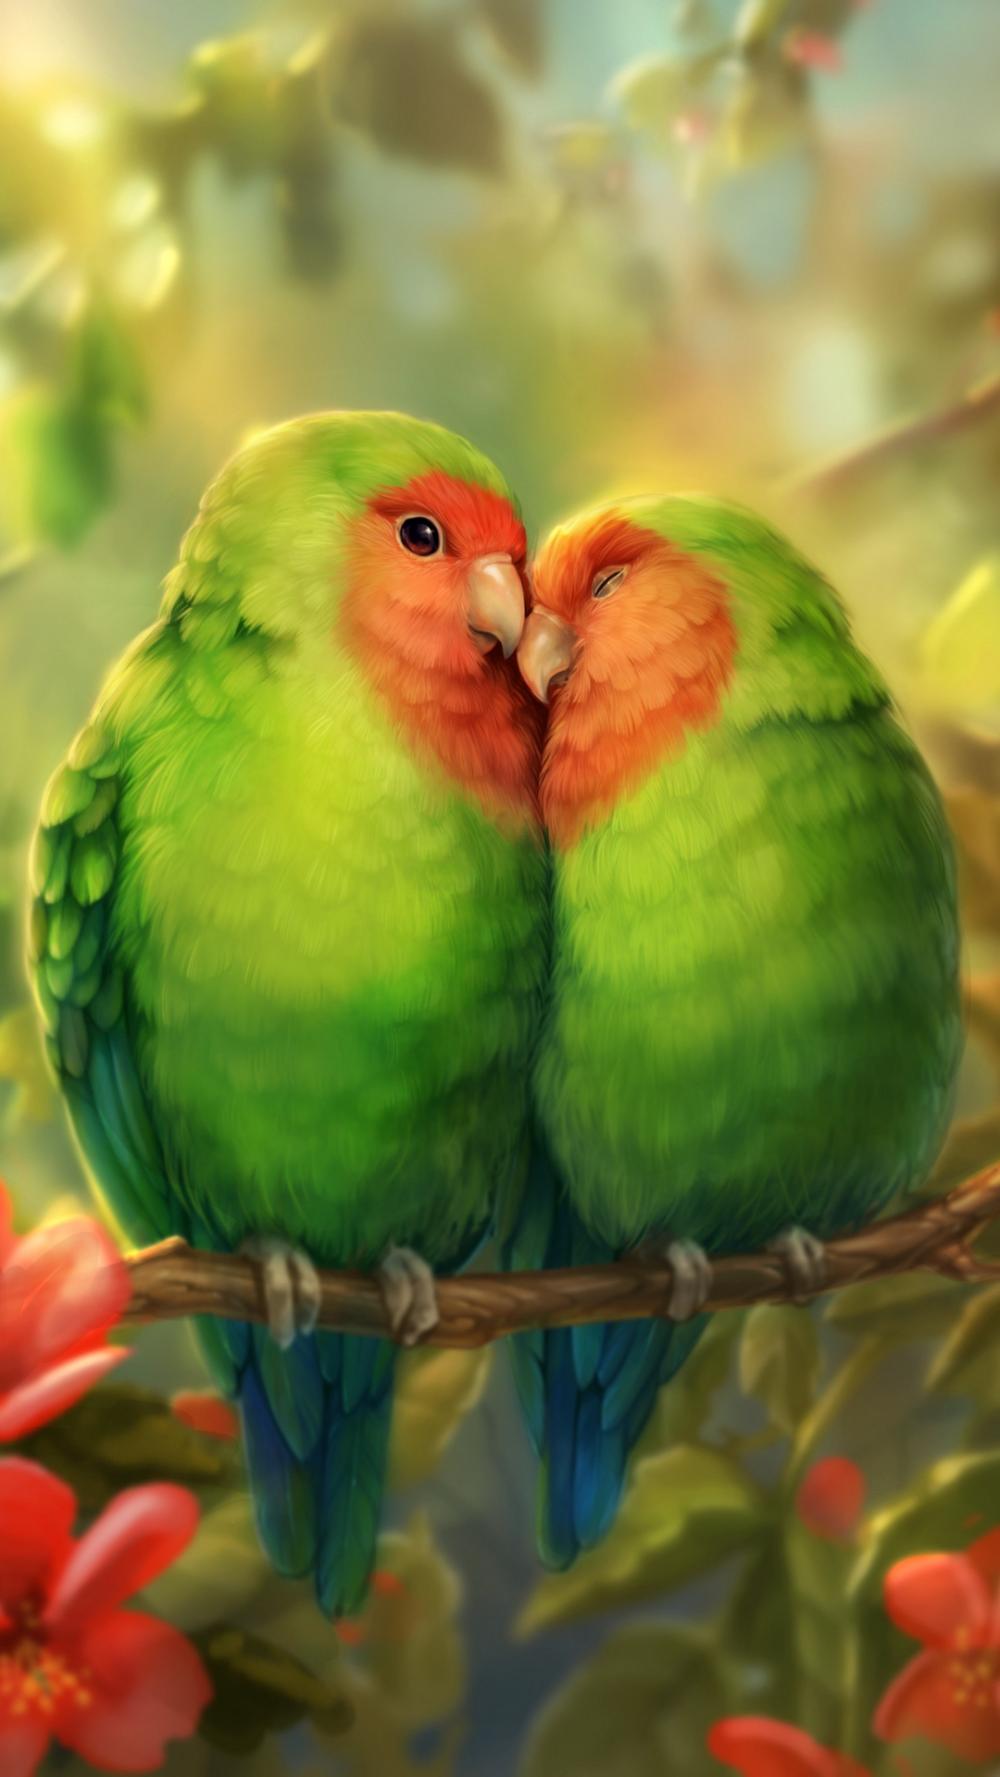 Parrots Birds Romance Cute Parrot Wallpaper Parrot Bird Wallpaper